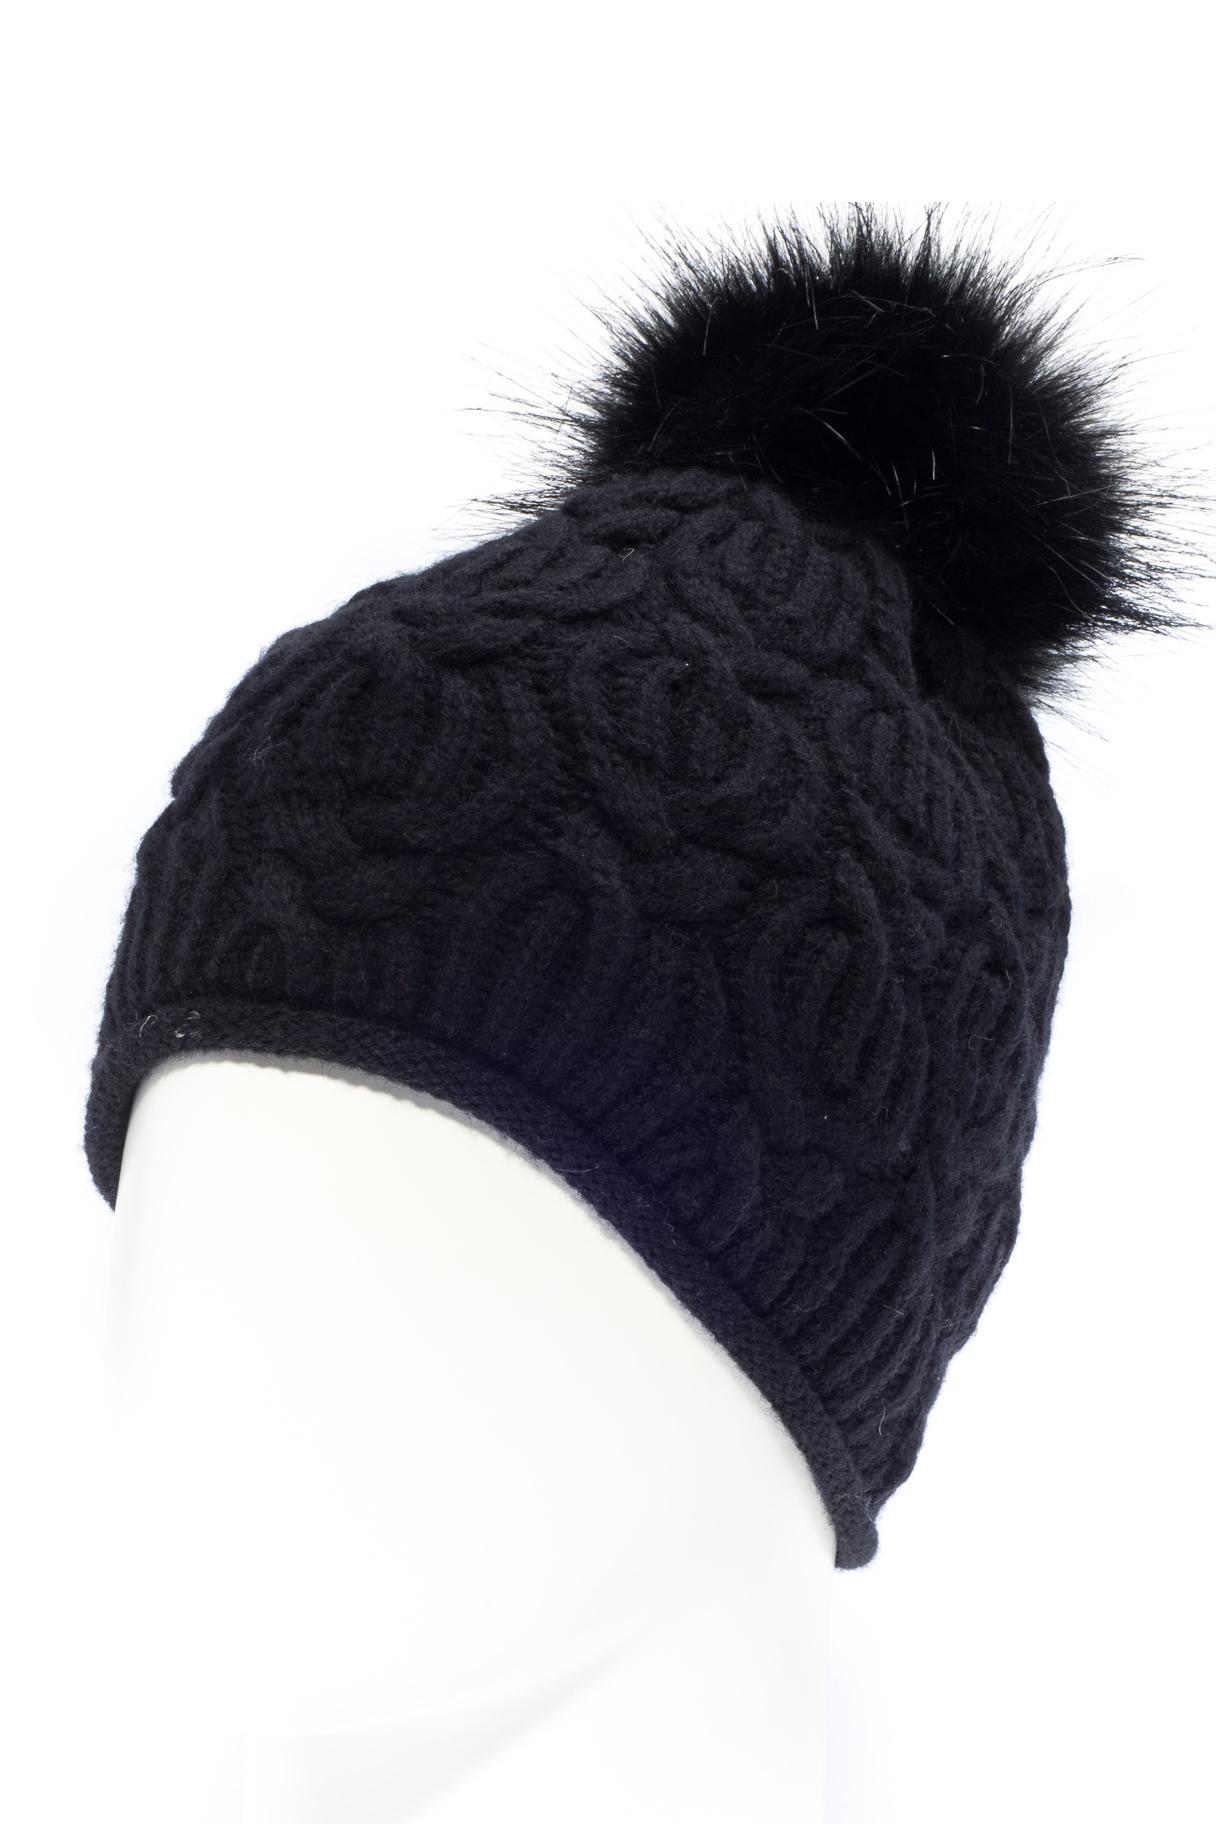 ШапкаШапки<br>Молодежная шапка на флисовом подкладе подарит Вам тепло и комфорт.  Стильный аксессуар подчеркнет Вашу женственность и станет прекрасным дополнением Вашего образа.  Цвет: черный<br><br>По материалу: Вязаные,Трикотаж<br>По рисунку: Однотонные<br>По элементам: С помпоном<br>По сезону: Зима<br>Размер : universal<br>Материал: Вязаное полотно<br>Количество в наличии: 1